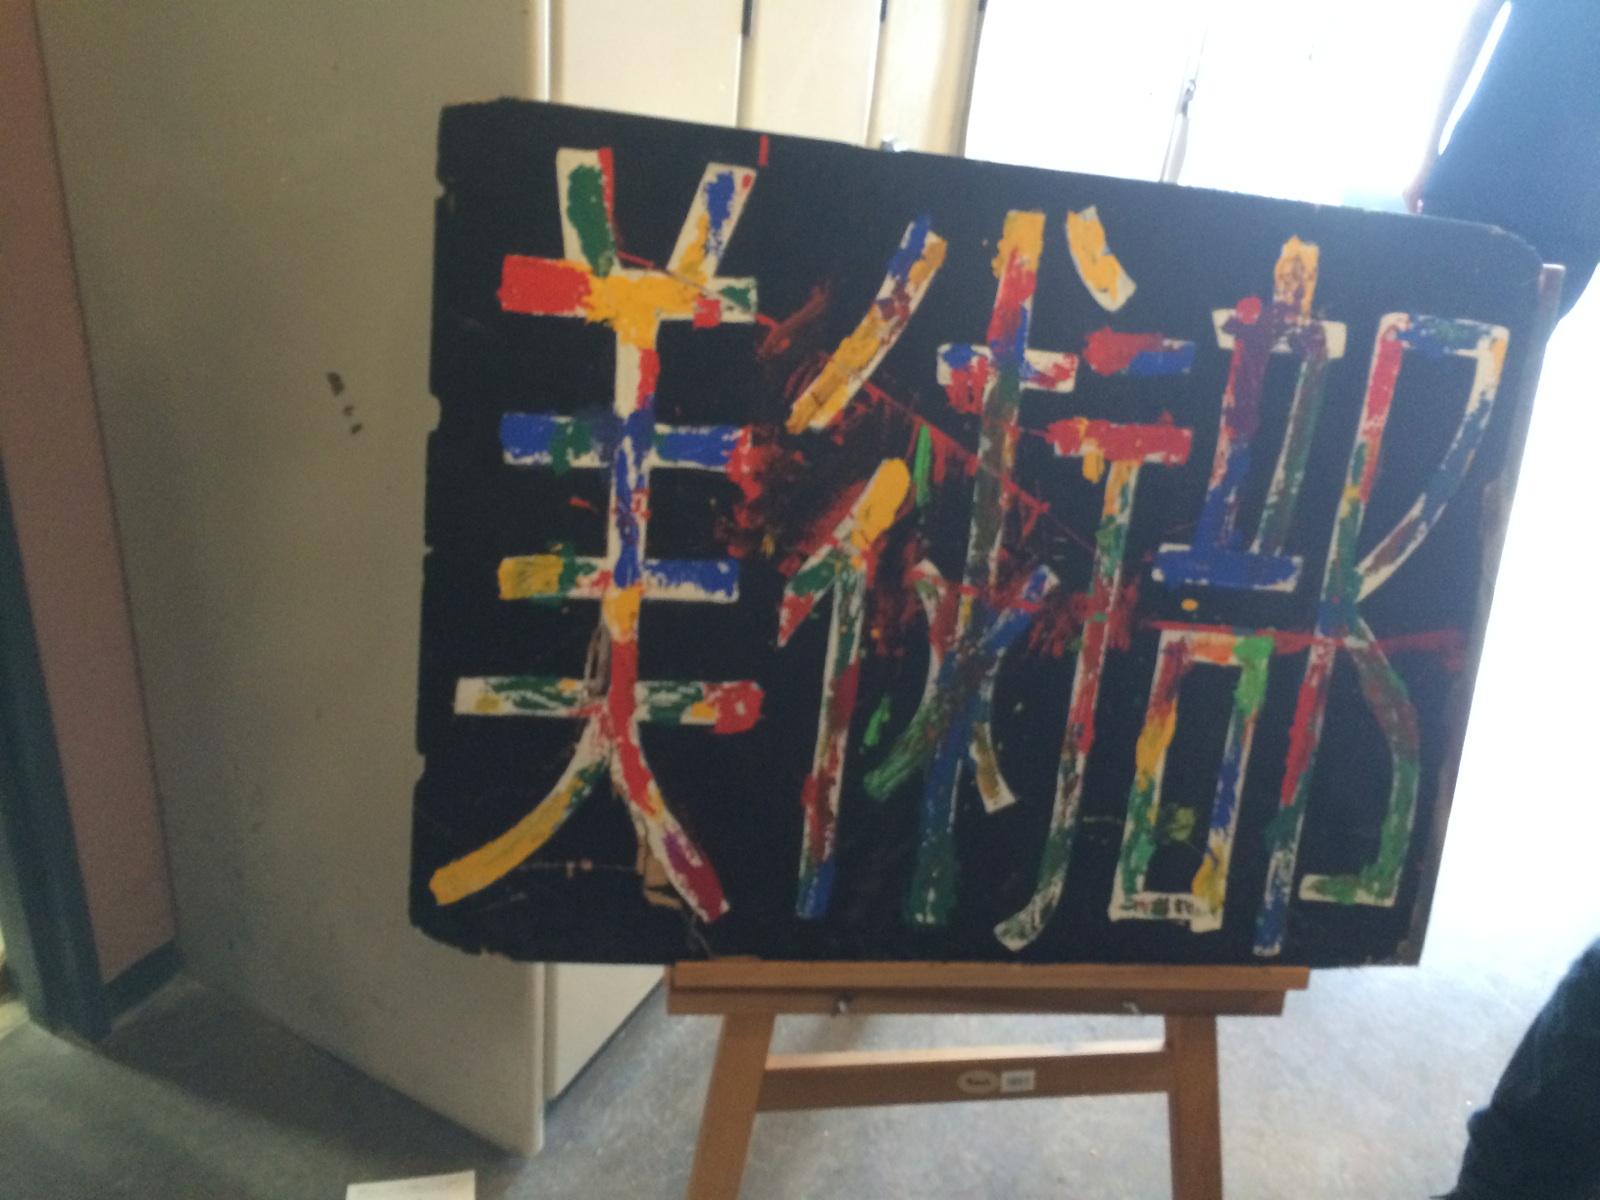 文化祭レポート5!】開成学園に行ってみた。 - 第三十回私立中高美術 ...